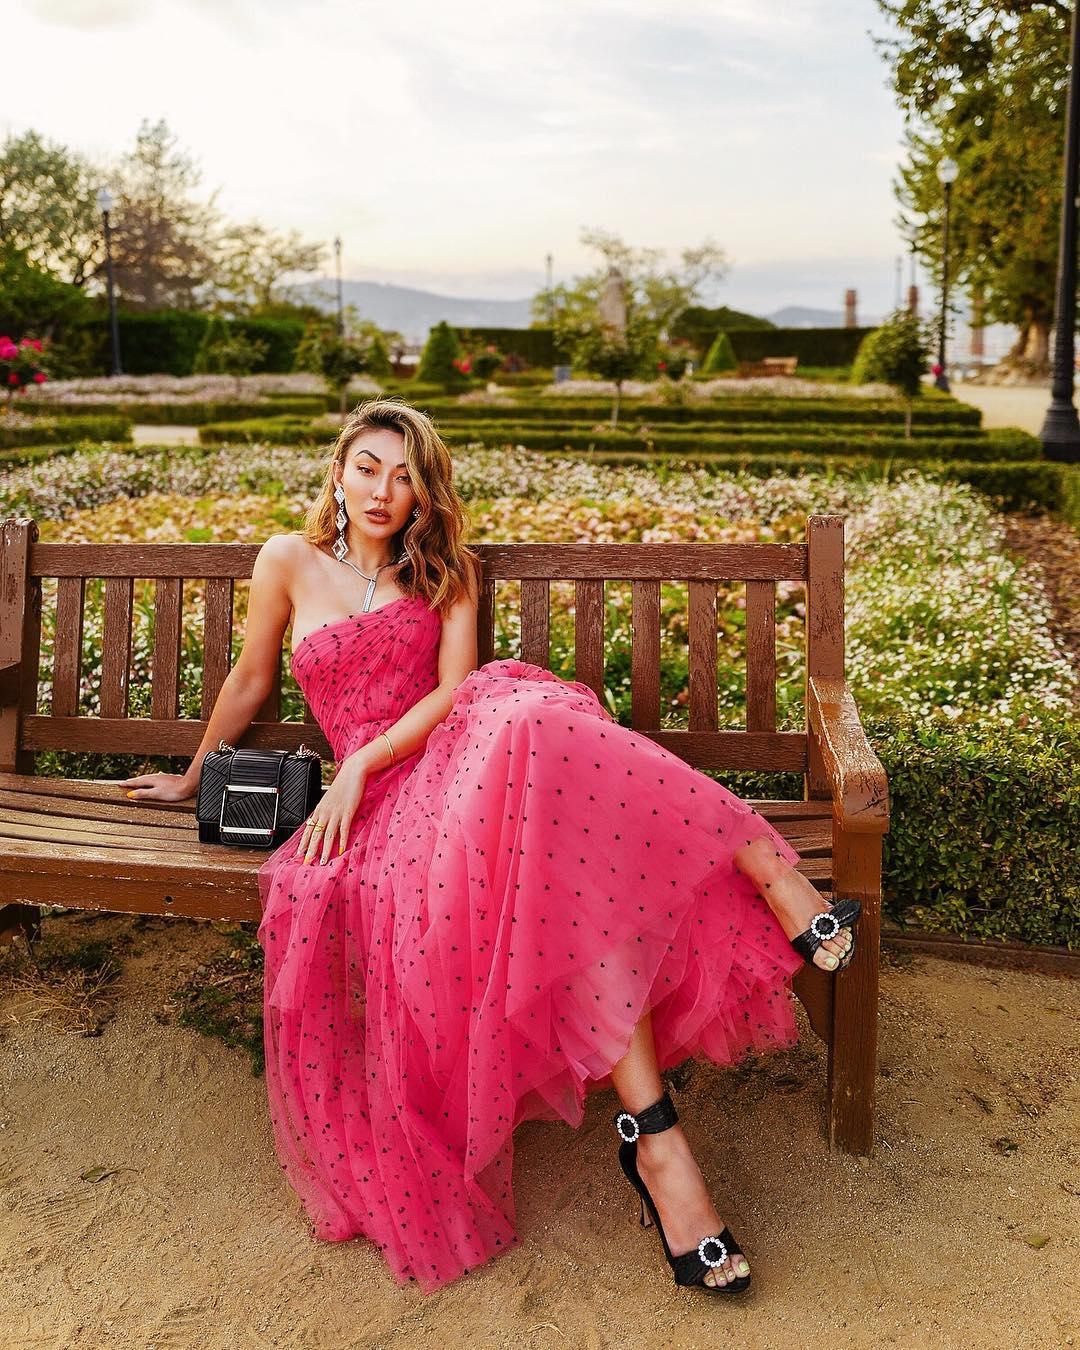 1612584555 663 echa un vistazo a las opciones para comprar y 30 - 40 modelos de vestidos rosas para un look que no pasa desapercibido